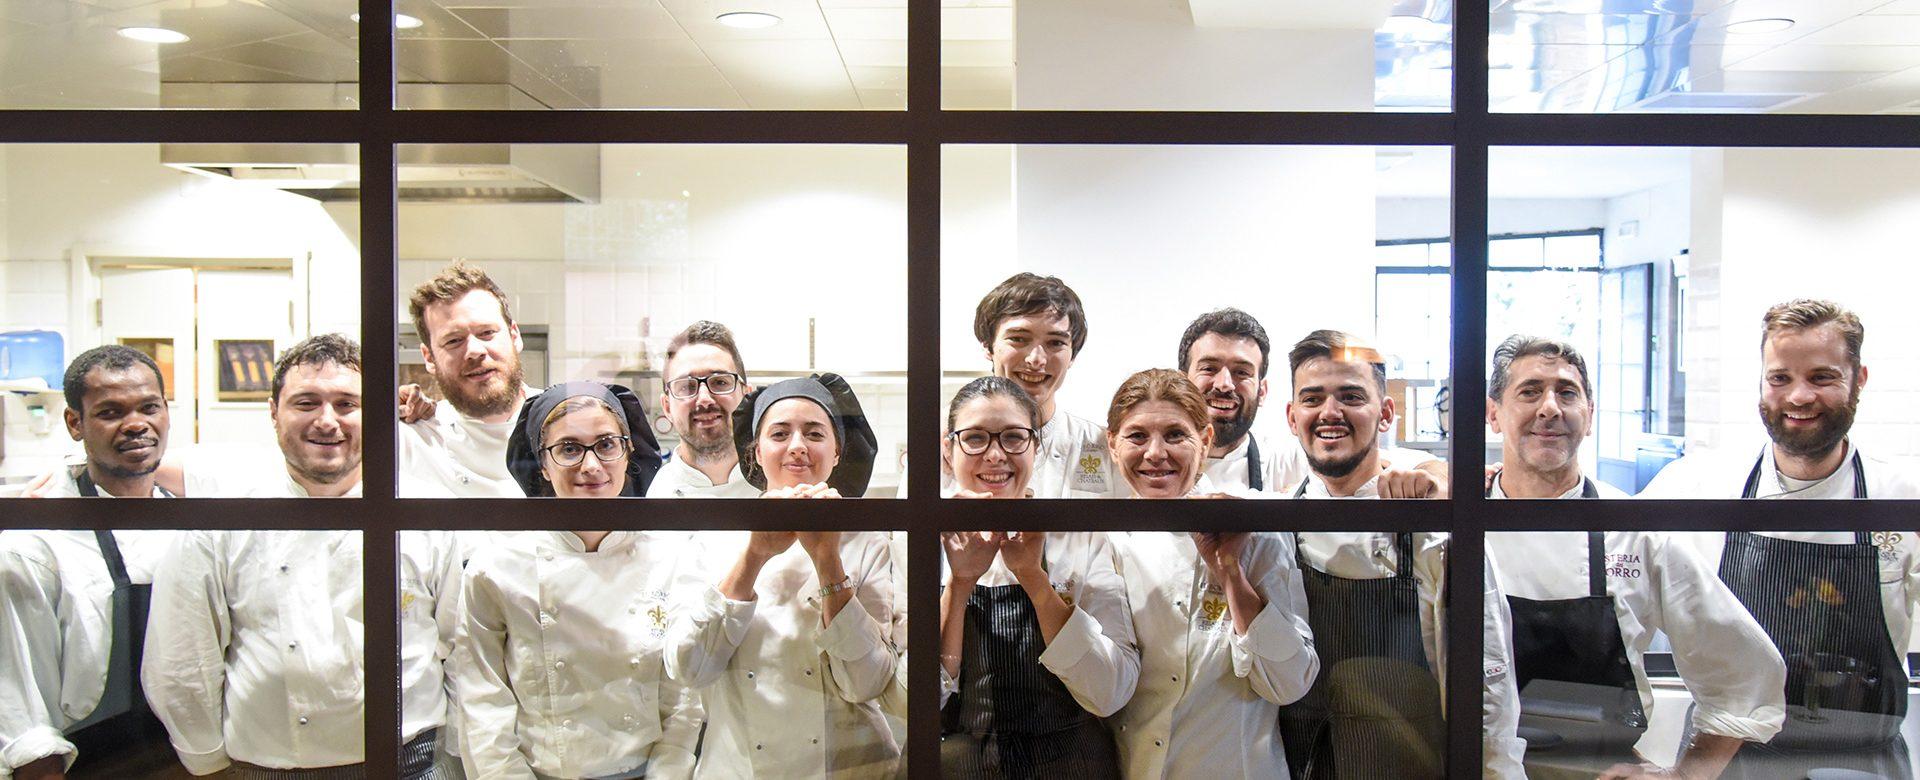 Osteria-Il-Borro-Staff_ph.marcobadiani